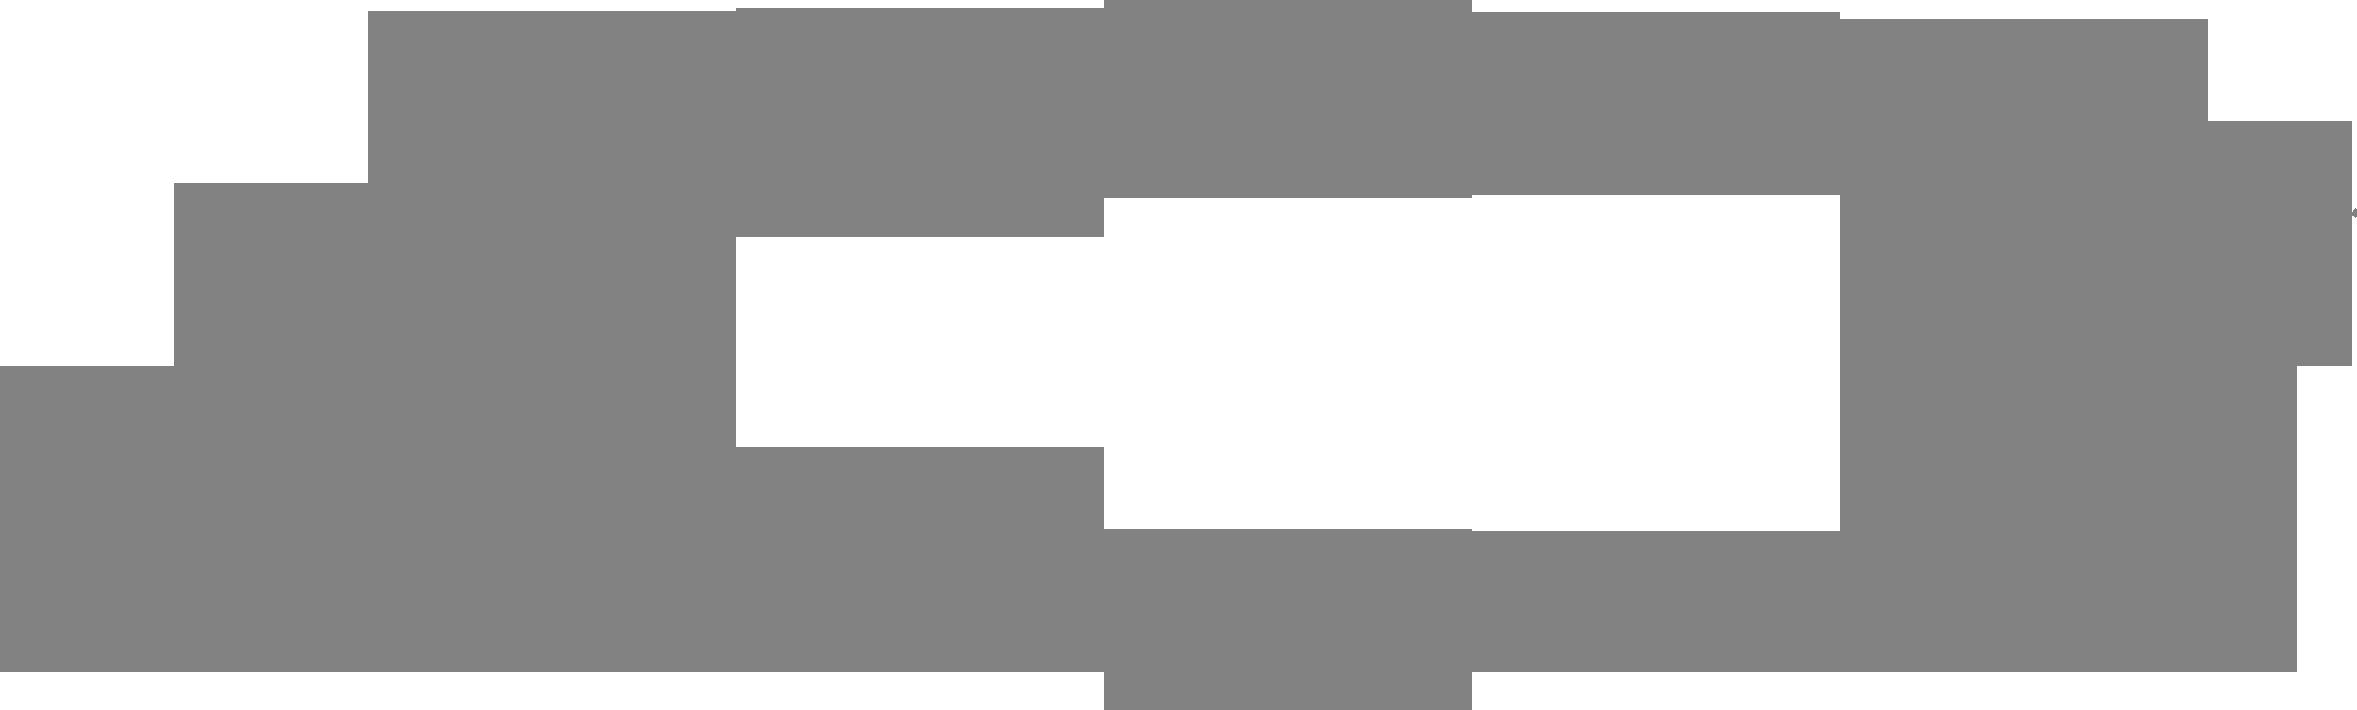 LACOST-trave-reticolare-curva-schema-statico